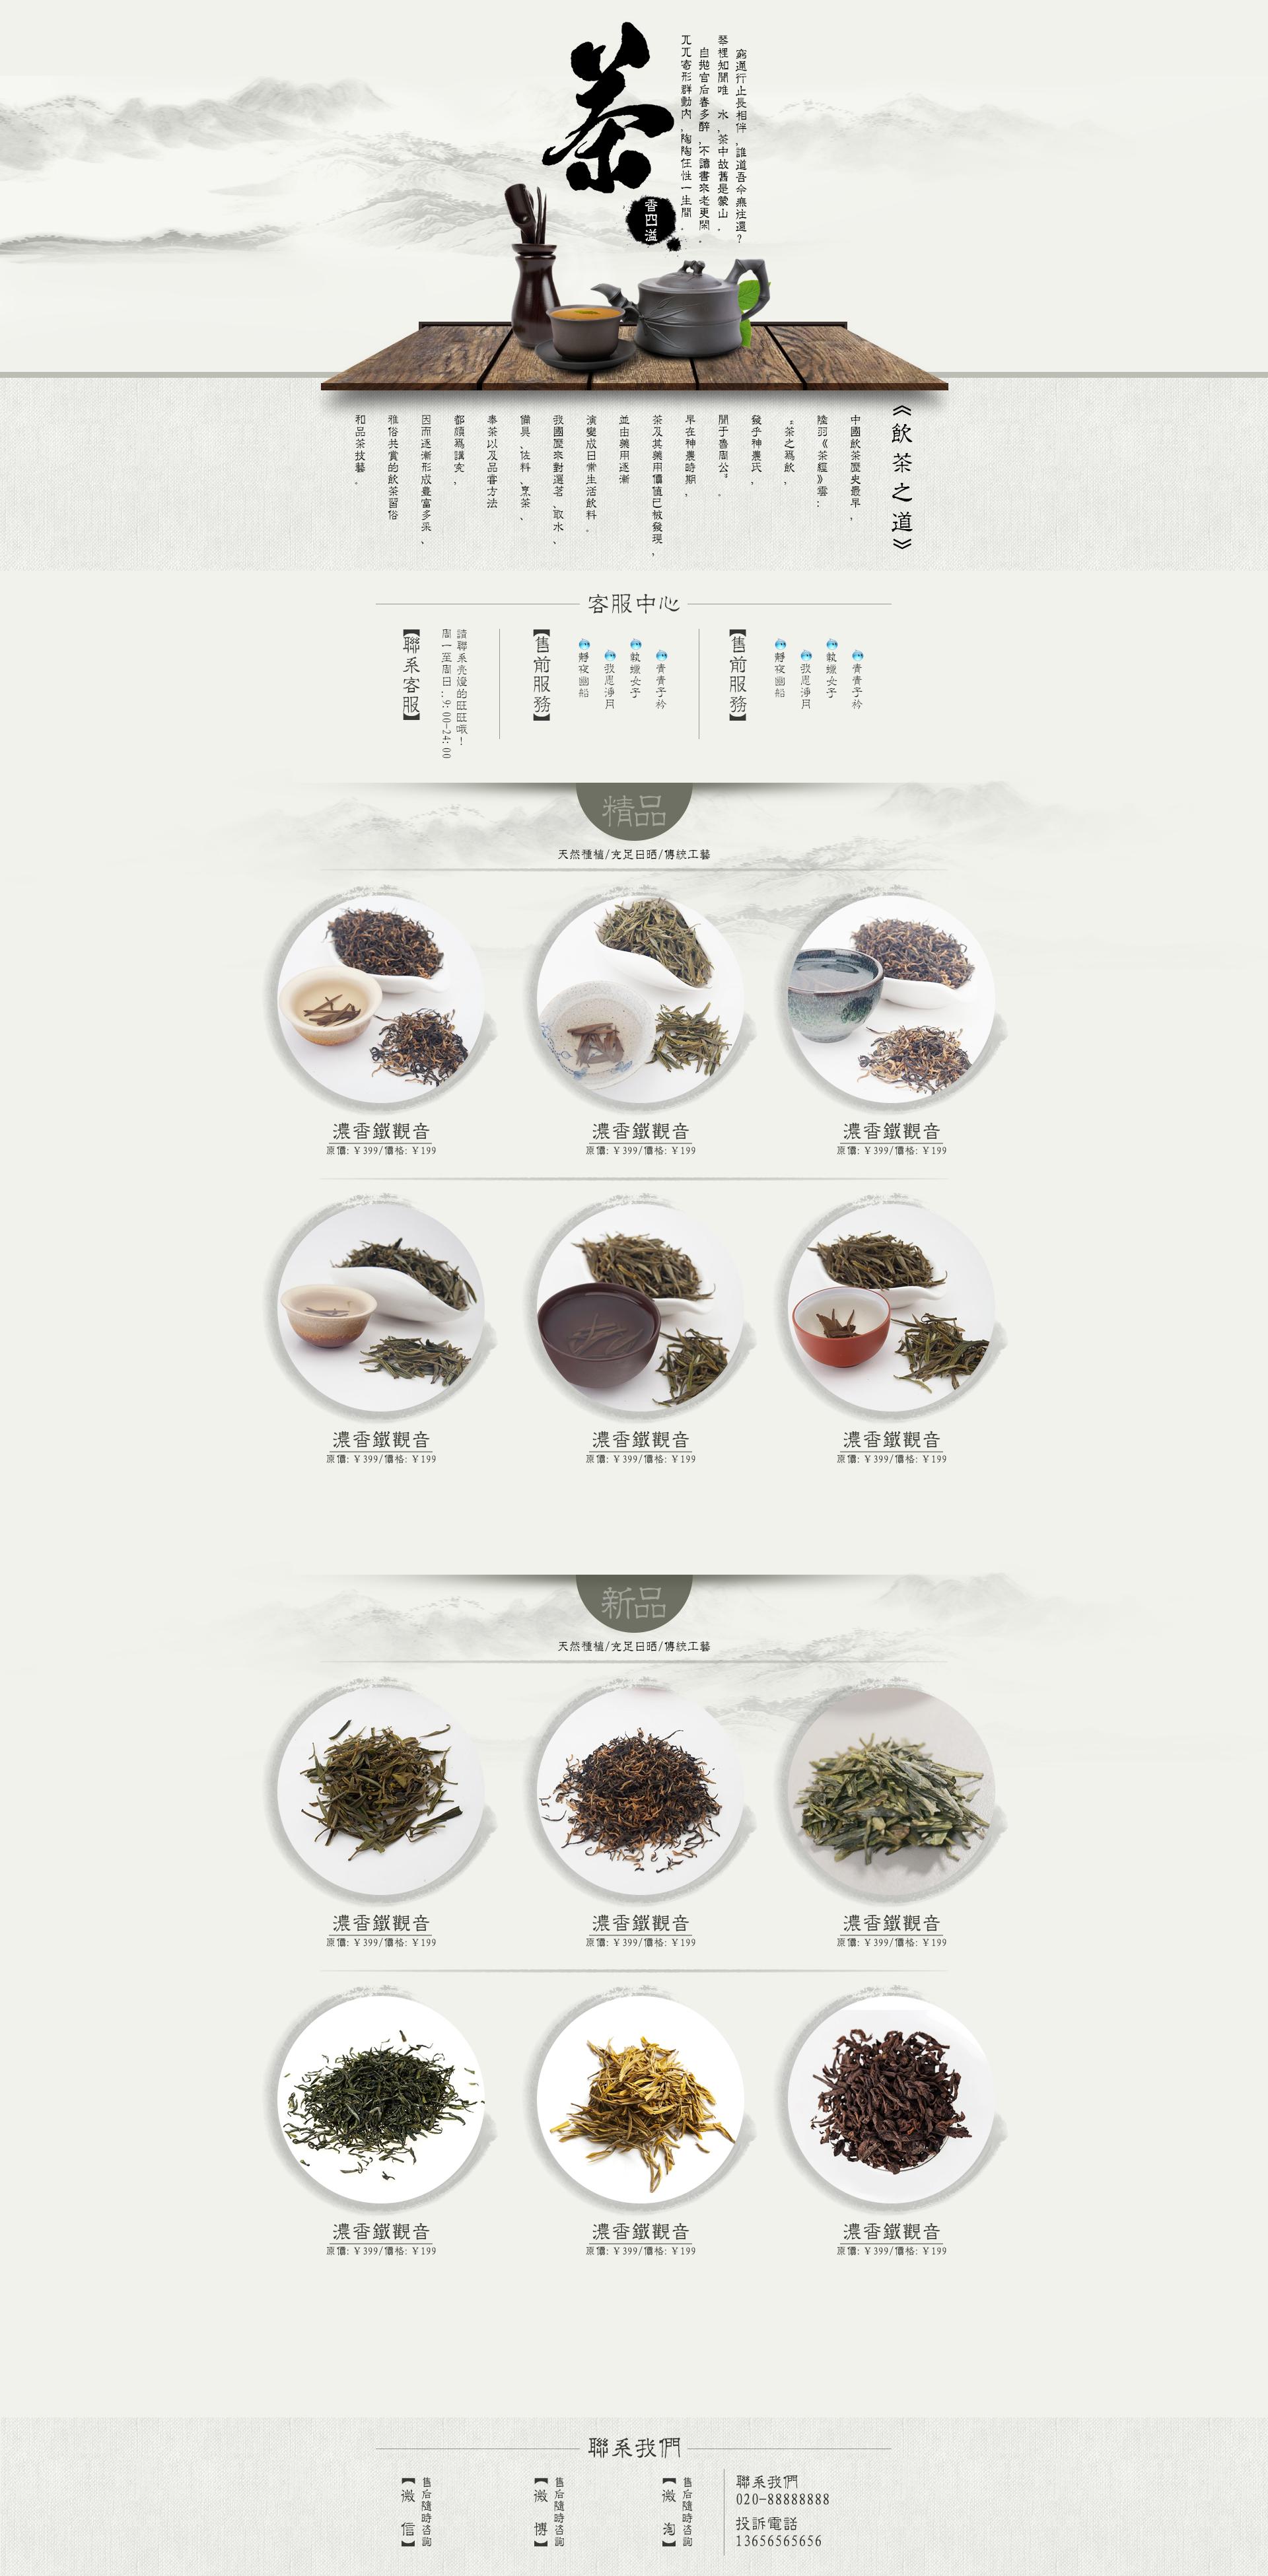 茶叶 首页 古风|网页|电商|雨颜然 - 原创作品 - 站酷图片